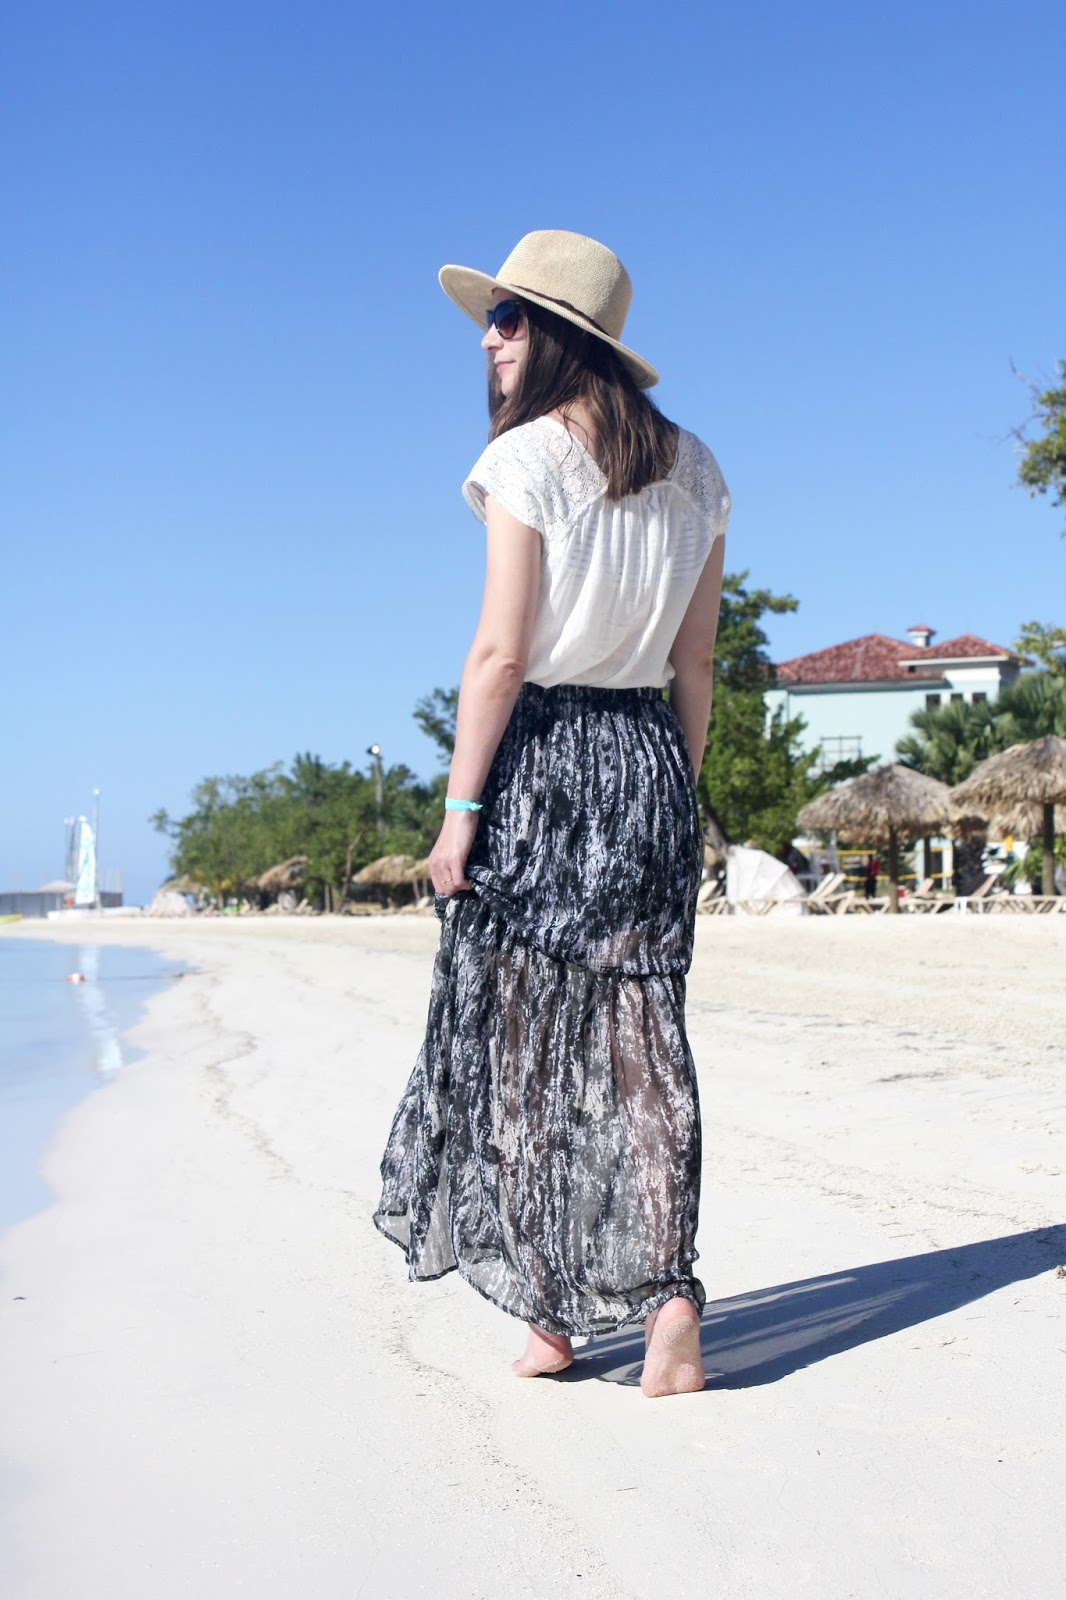 Forever 21 Skirt in Jamaica